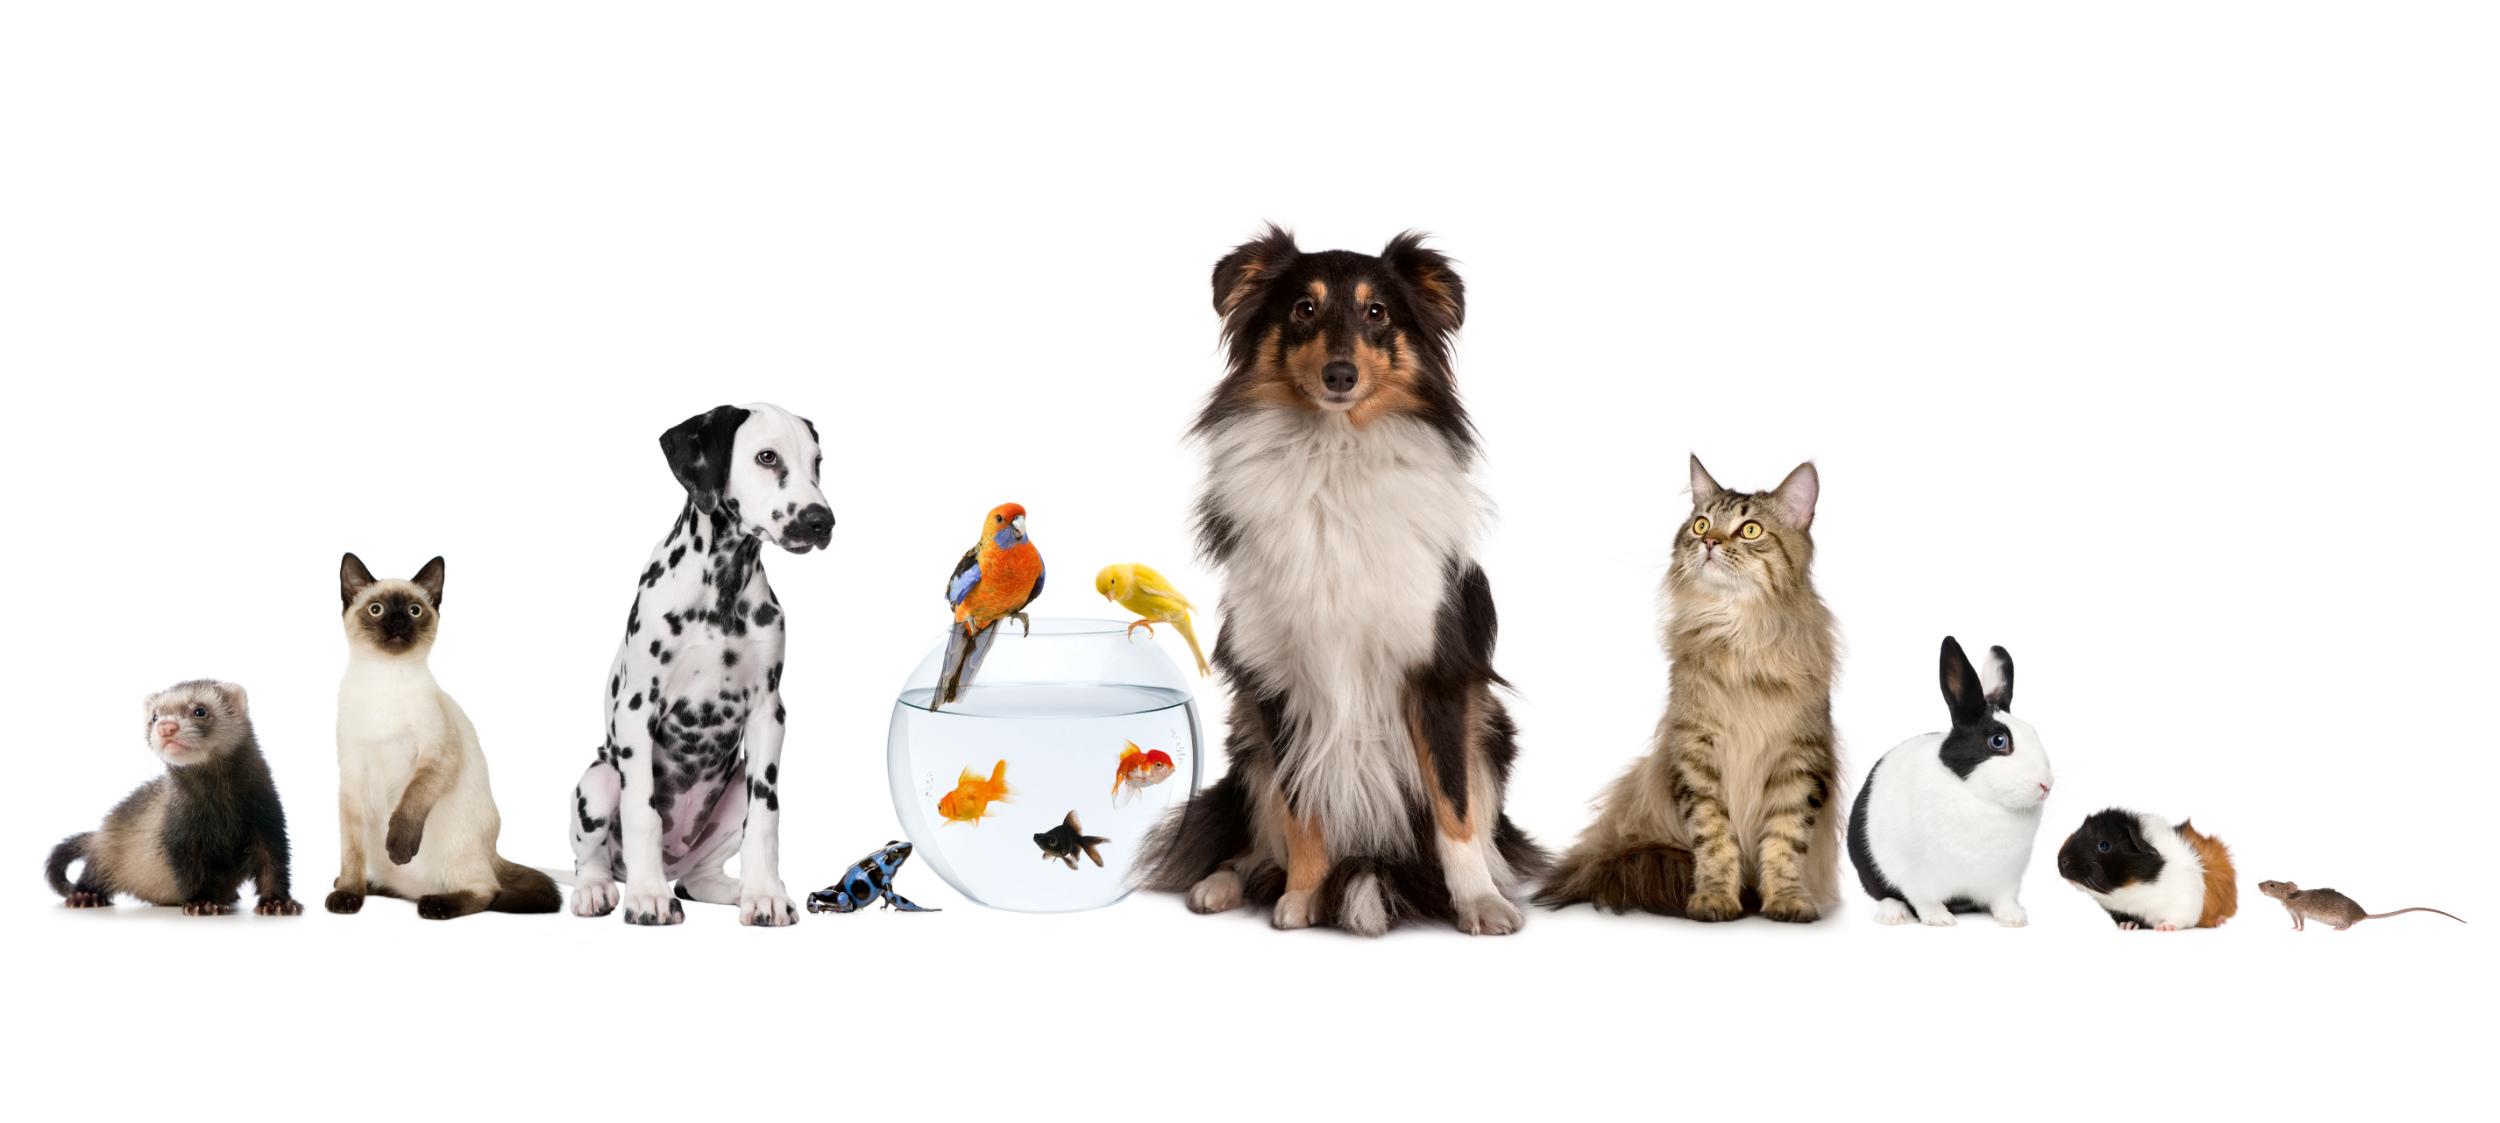 Protection des aliments en vrac pour animaux contre les insectes (mites alimentaires, charançons)